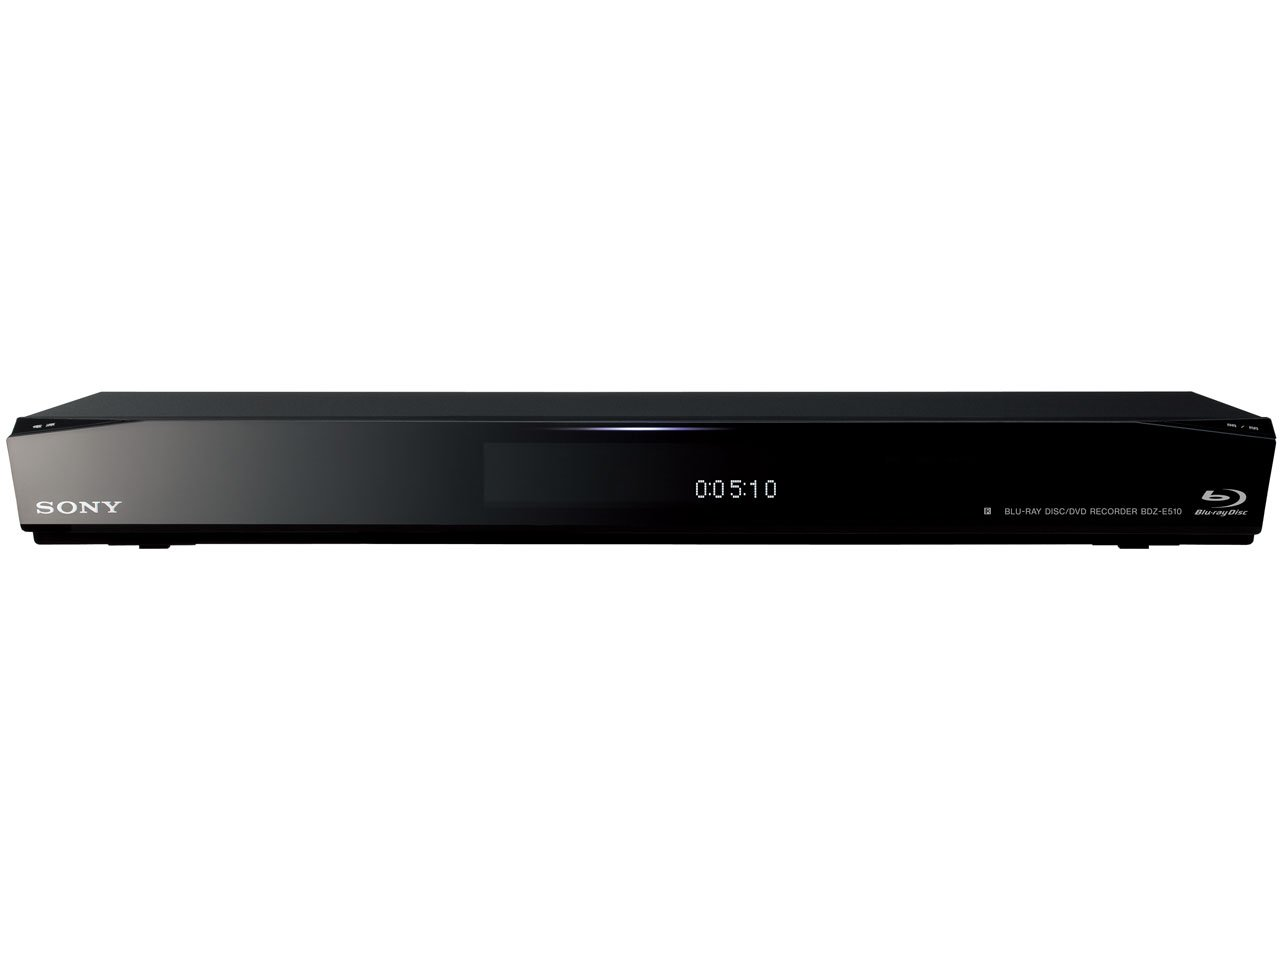 SONY 500GB 1チューナー ブルーレイレコーダー BDZ-E510 B00G91GHJM